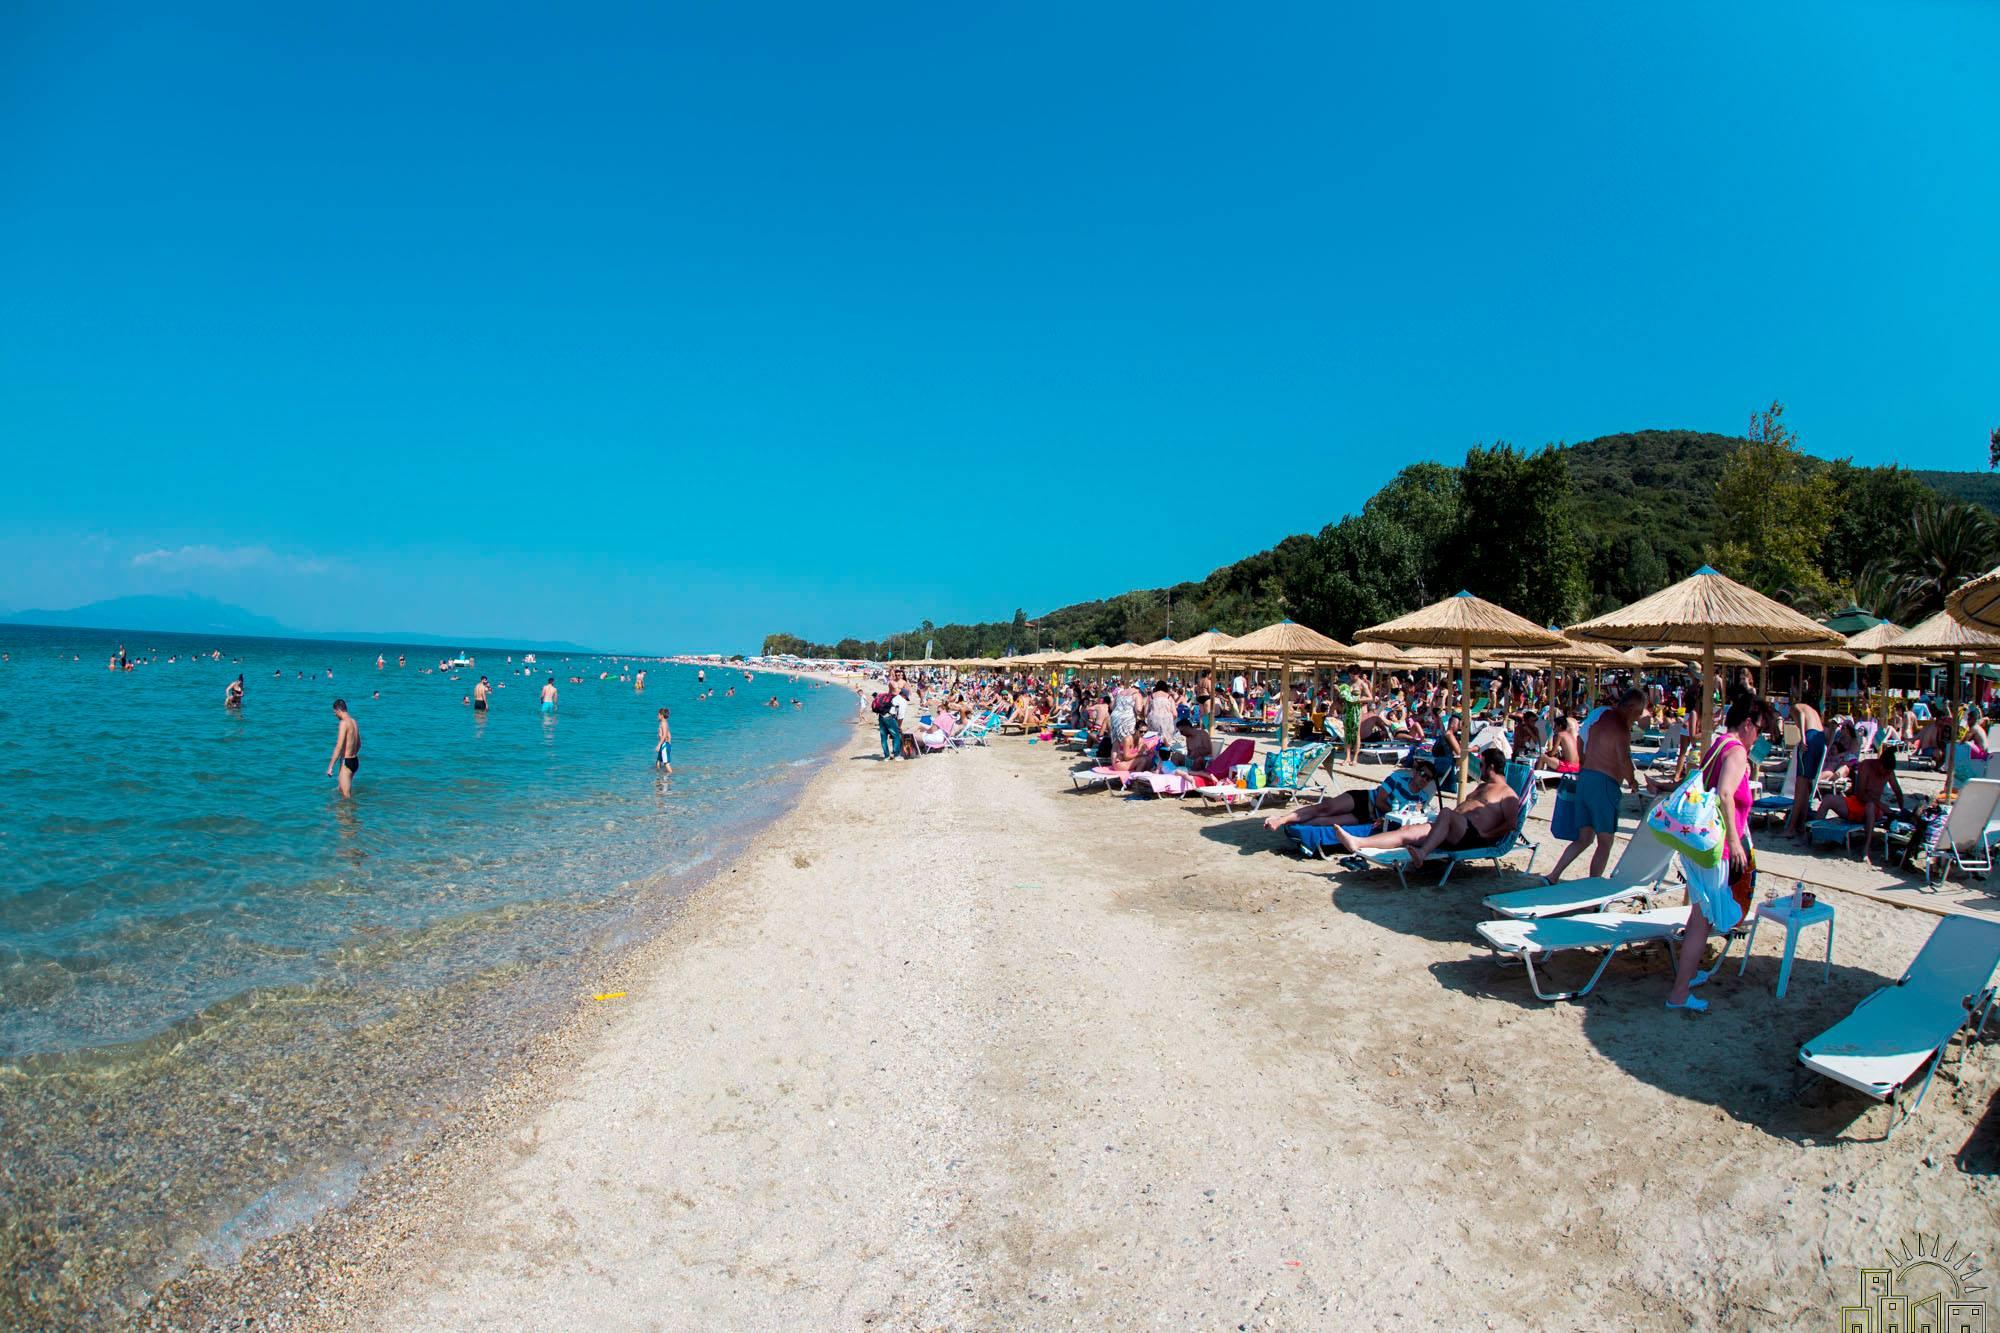 Villa Riviera - Stavros - www.villariviera.gr